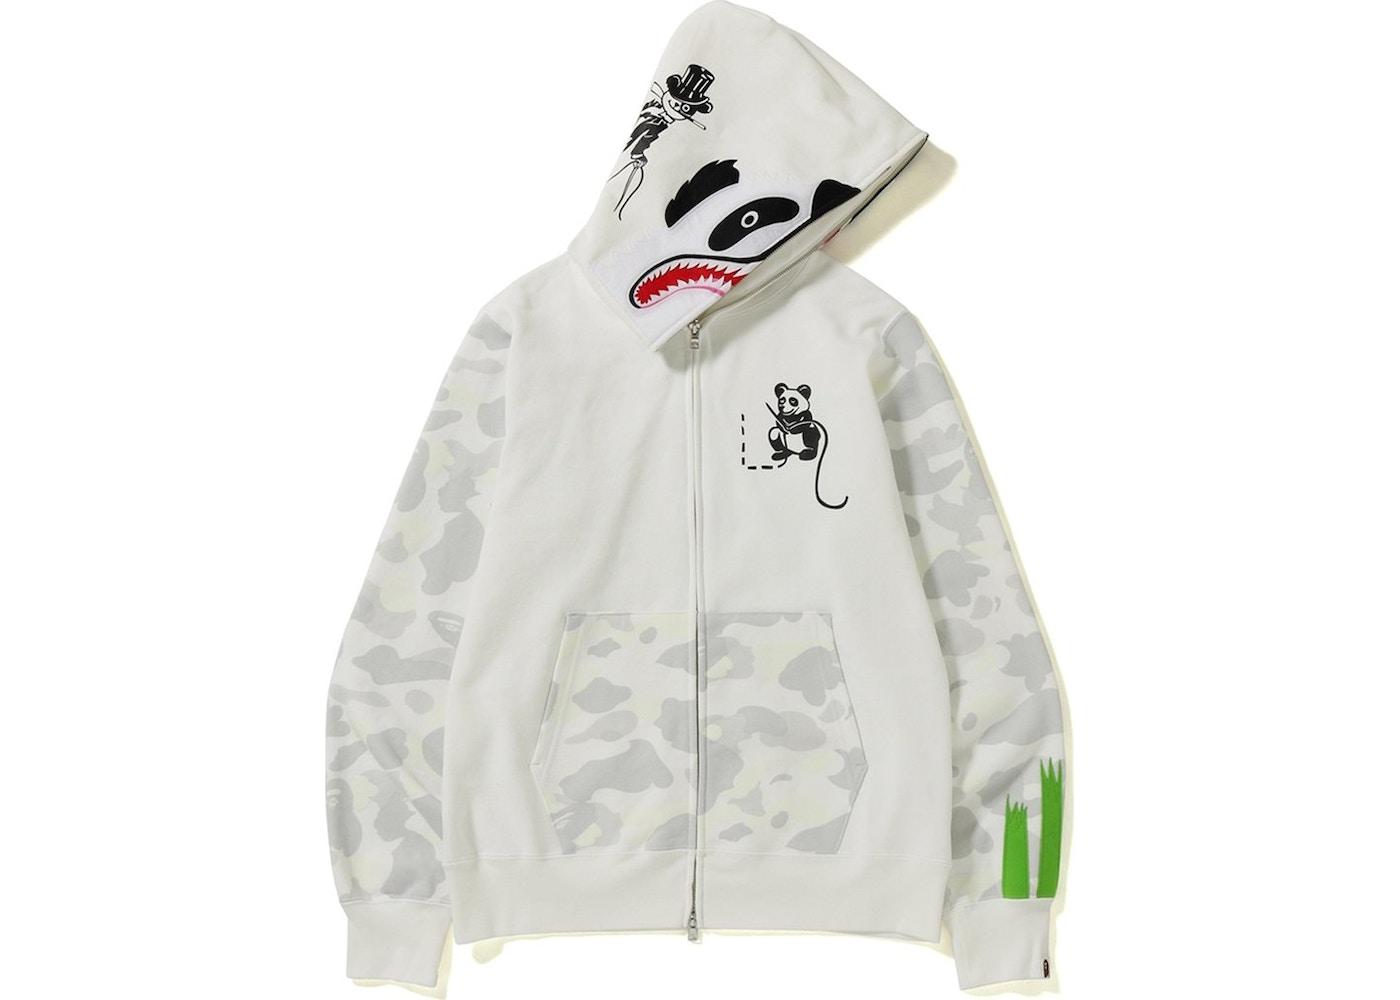 b87972e5b5ca BAPE City Camo Panda Full Zip Hoodie White. City Camo Panda Full Zip